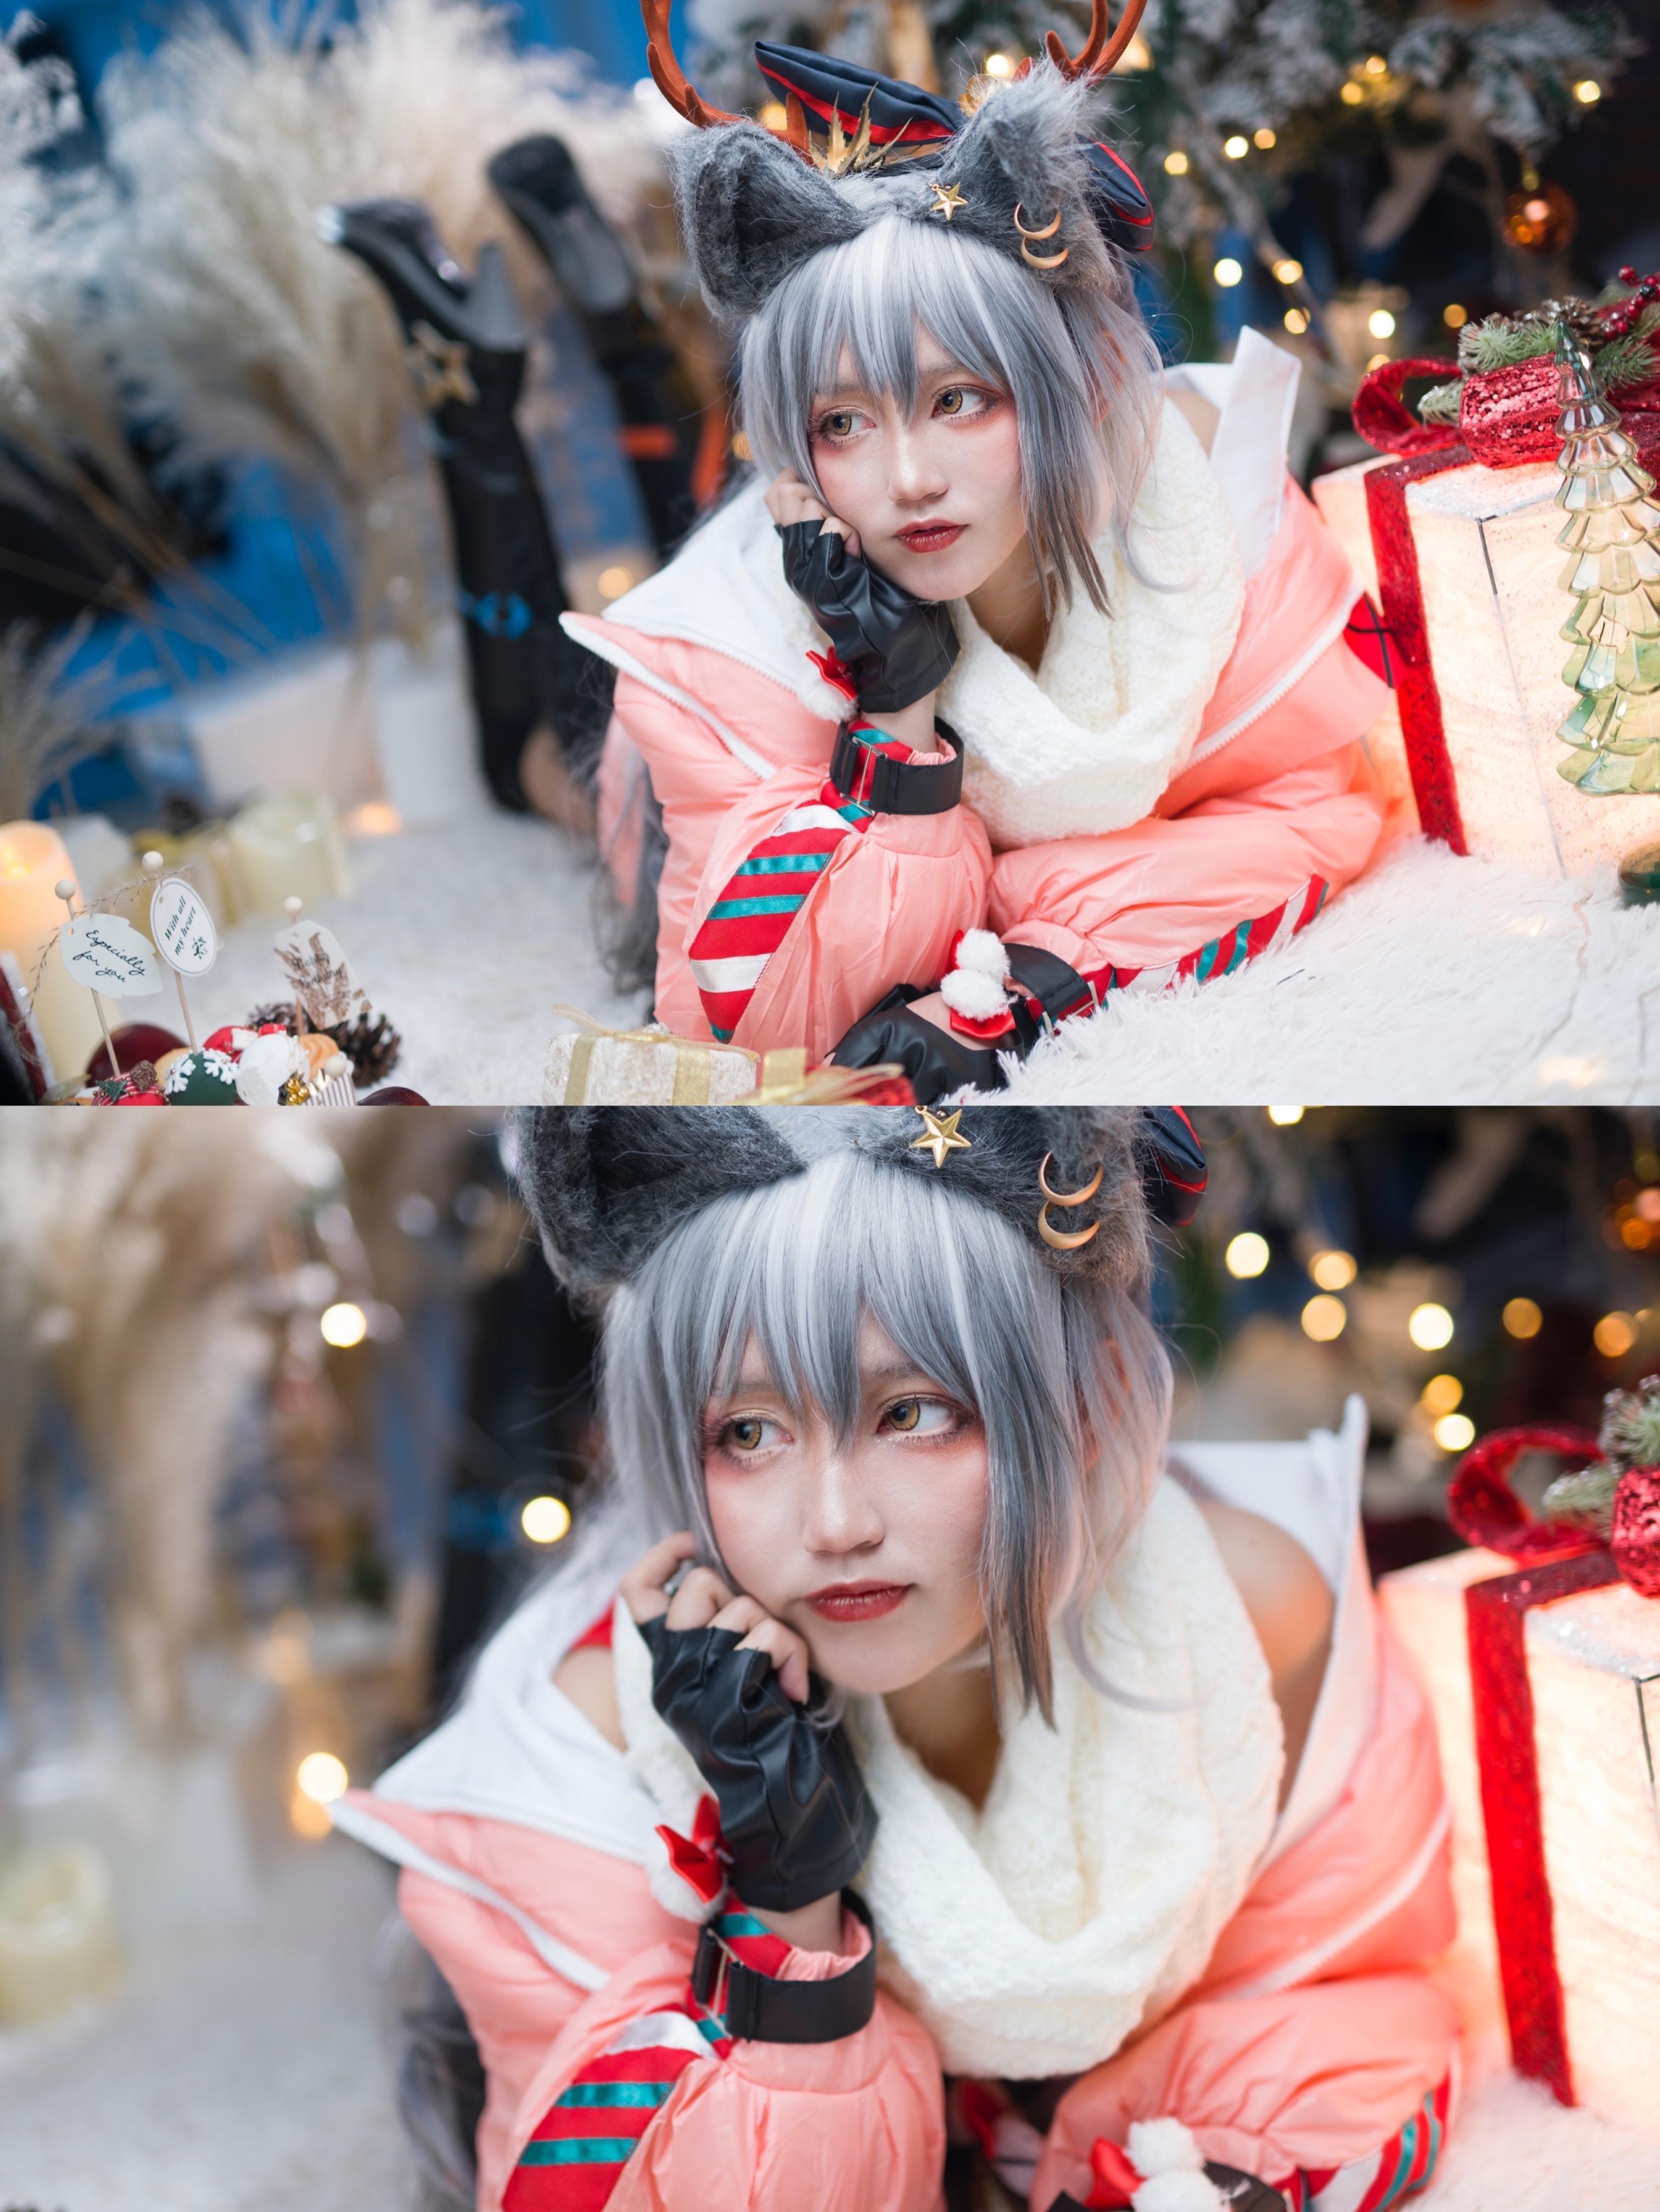 《明日方舟》正片cosplay【CN:阿熊是个萌妹吗_】-第3张